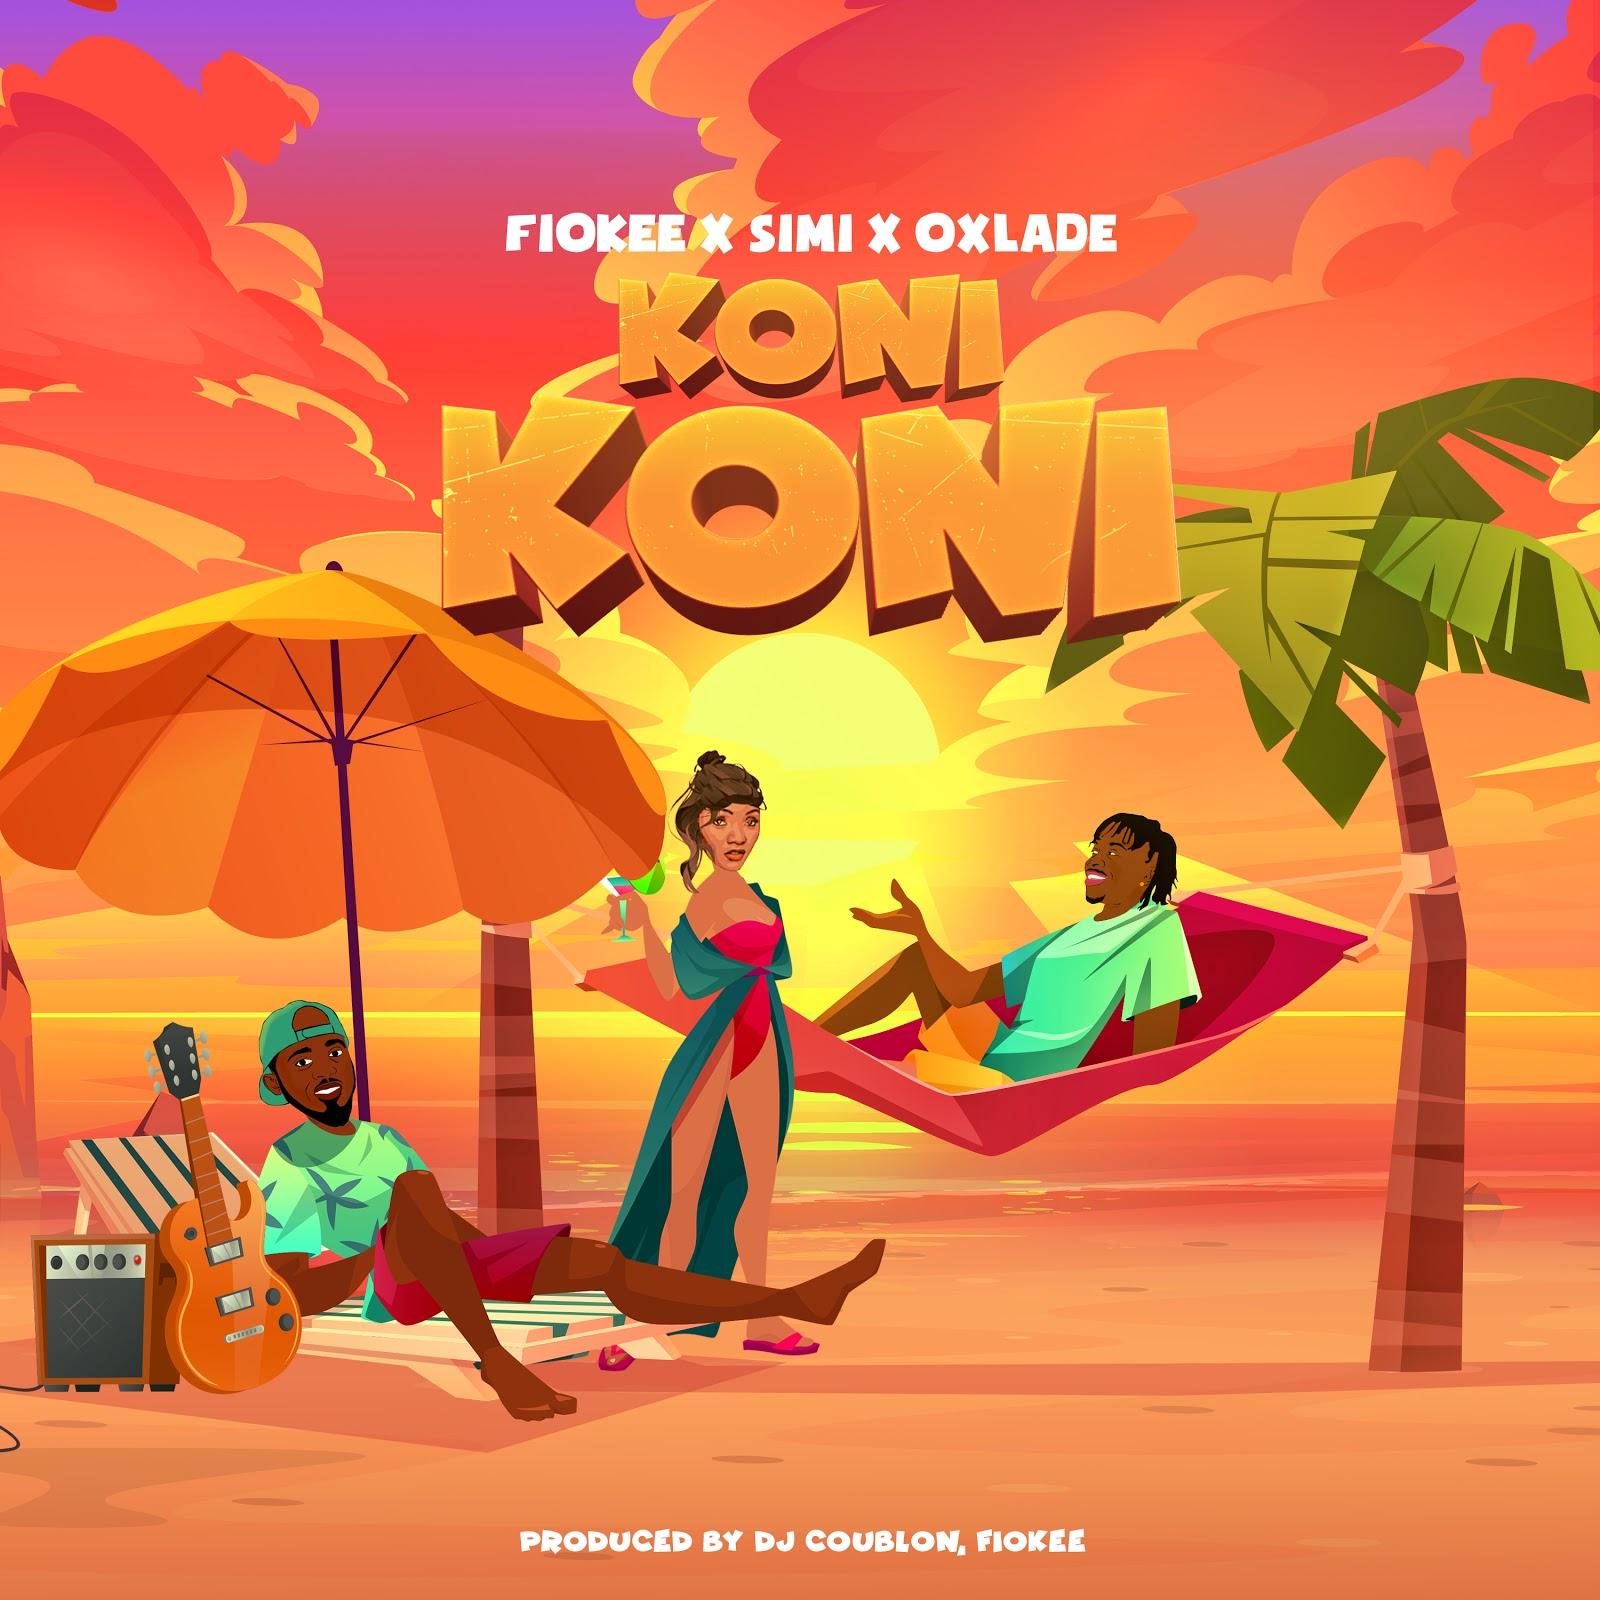 Fiokee - Koni Koni Feat. Simi & Oxlade